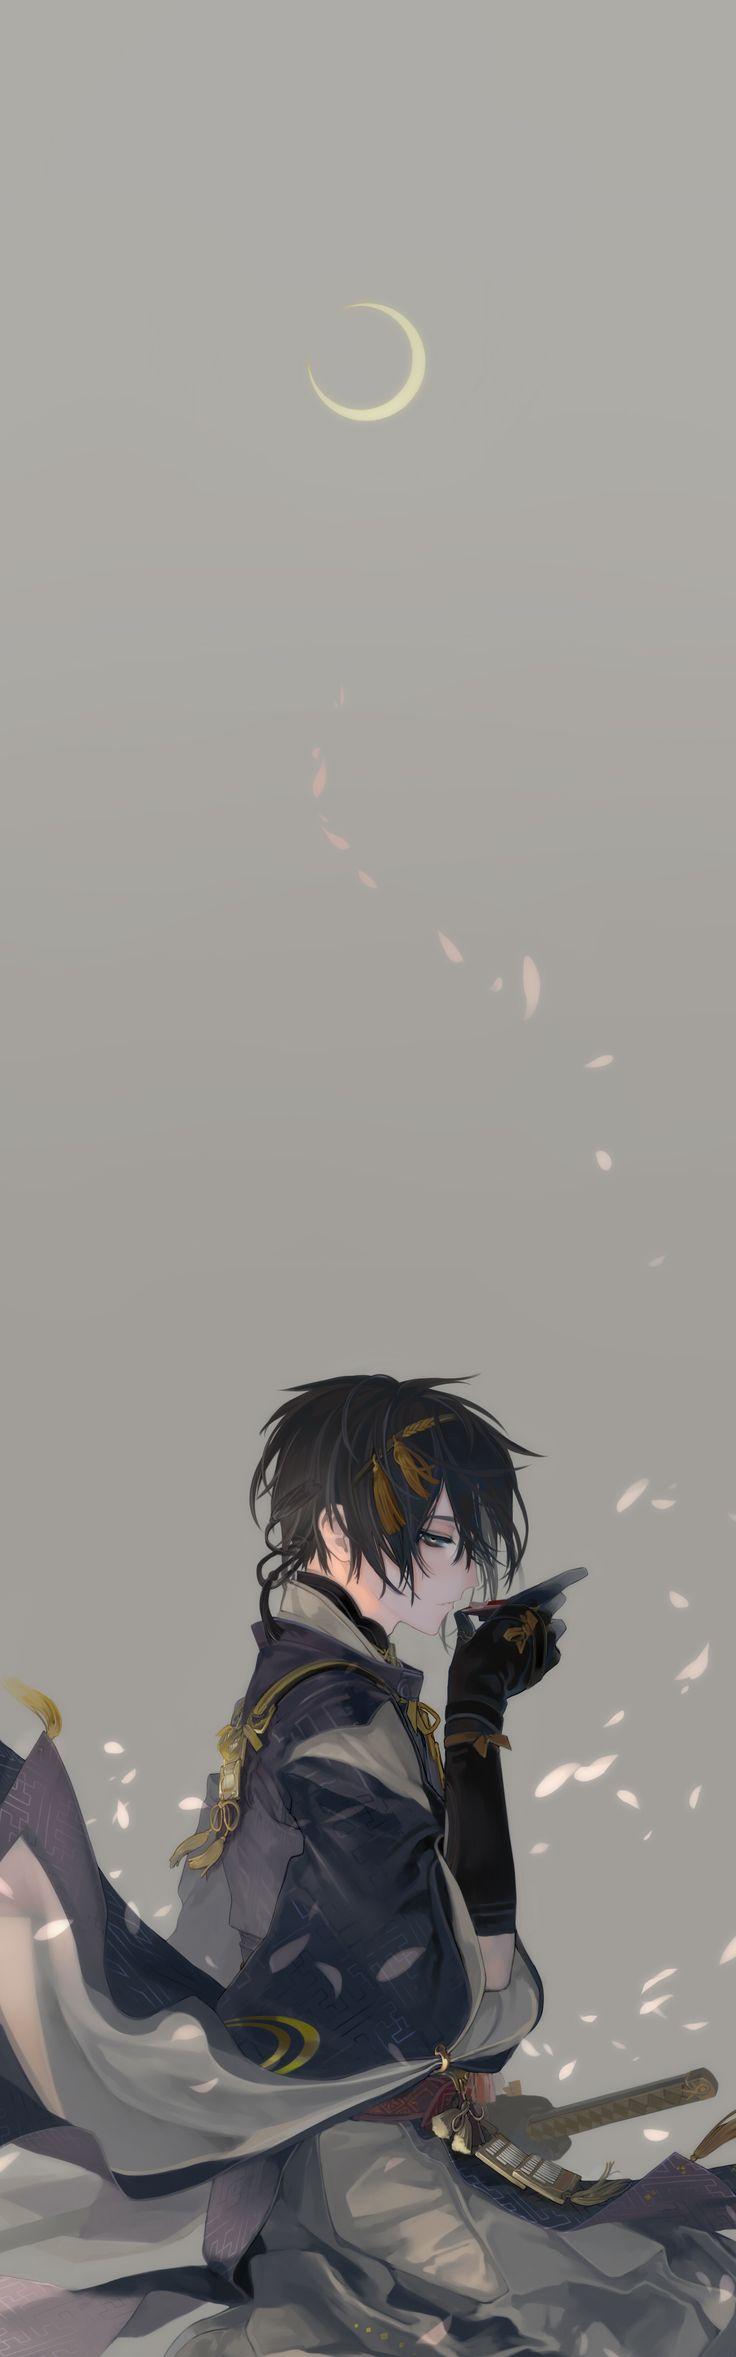 Mikazuki Munechika/#1841851 - Zerochan